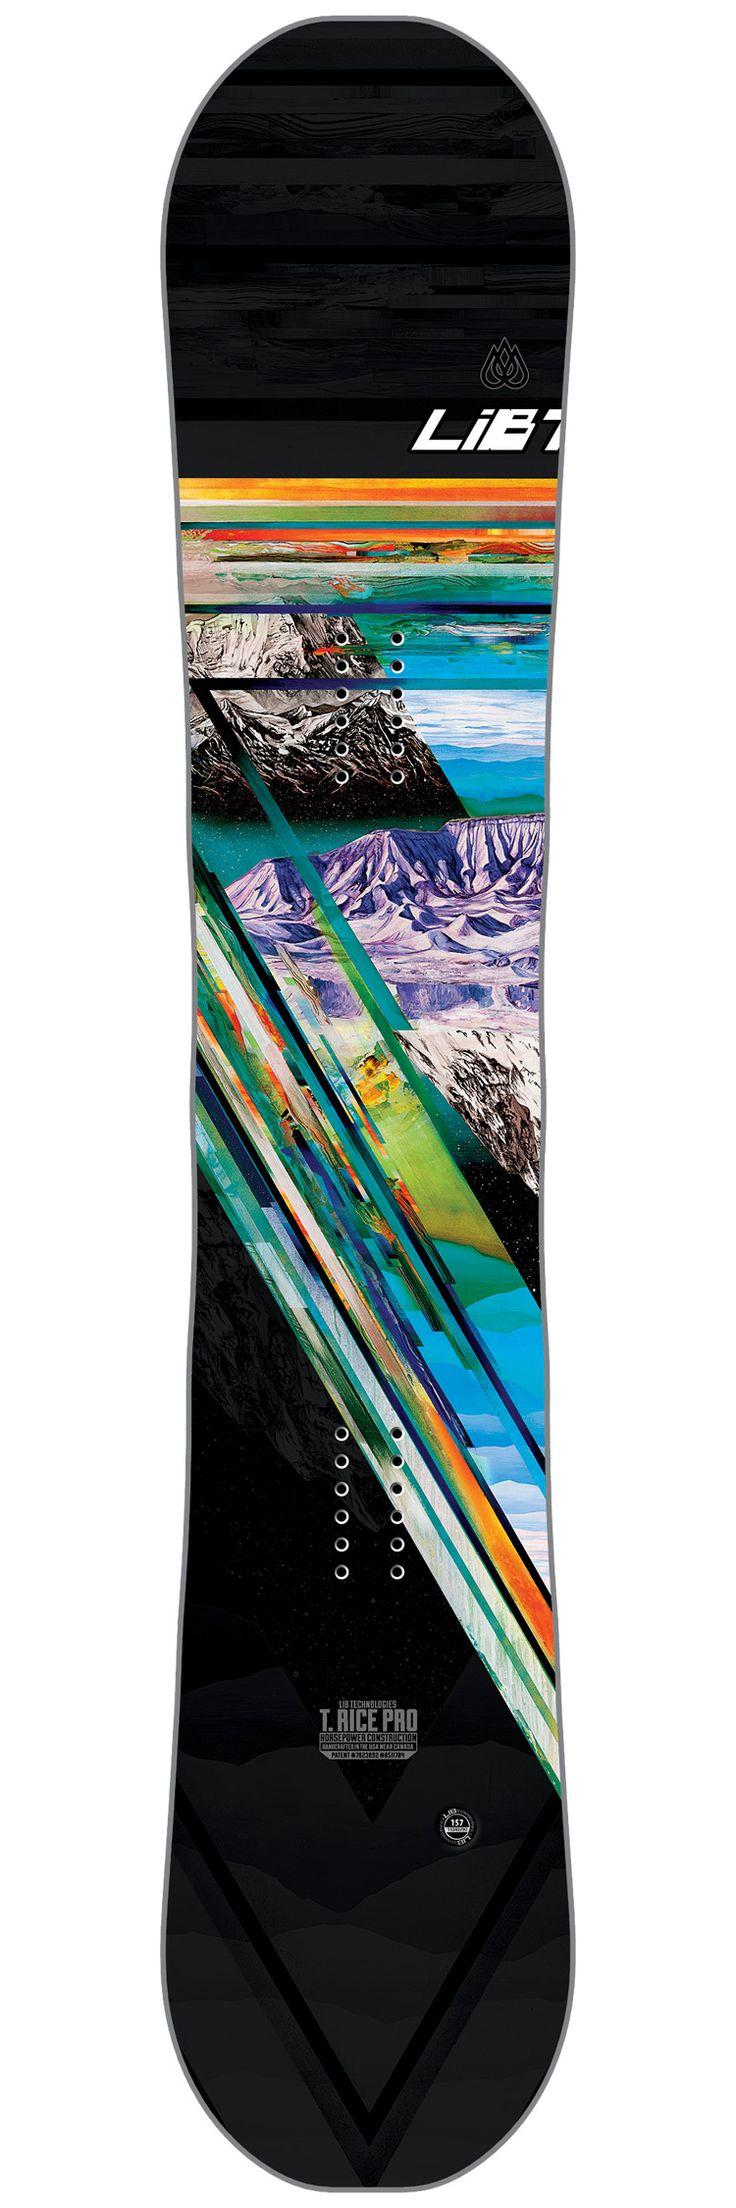 Planche snowboard Lib Tech T.Rice Pro Horsepower 153-dessus 2017